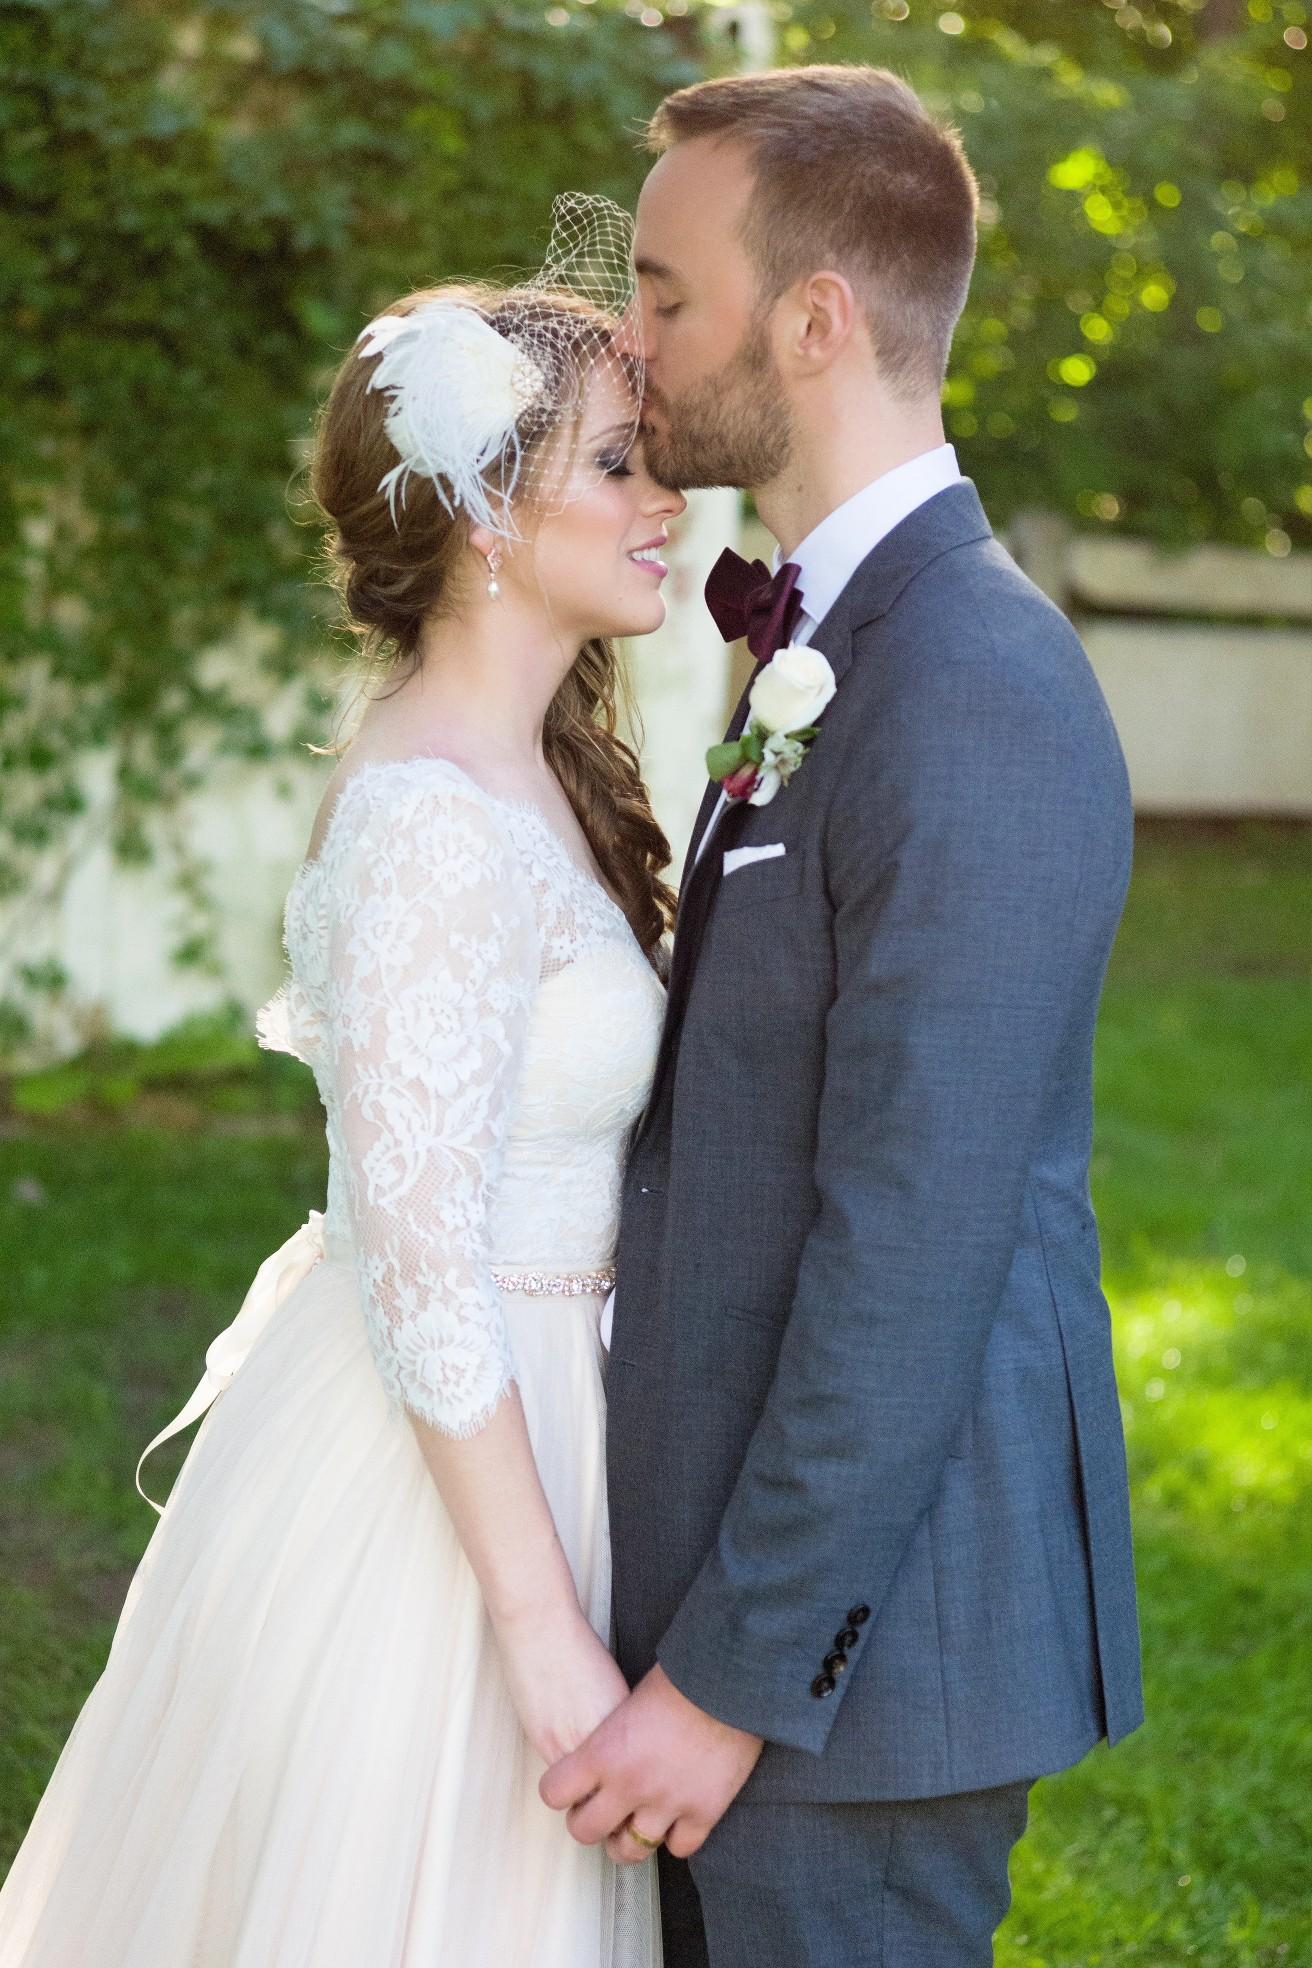 groom-kissing-bride-forehead-mike-lupine-weddings.jpg